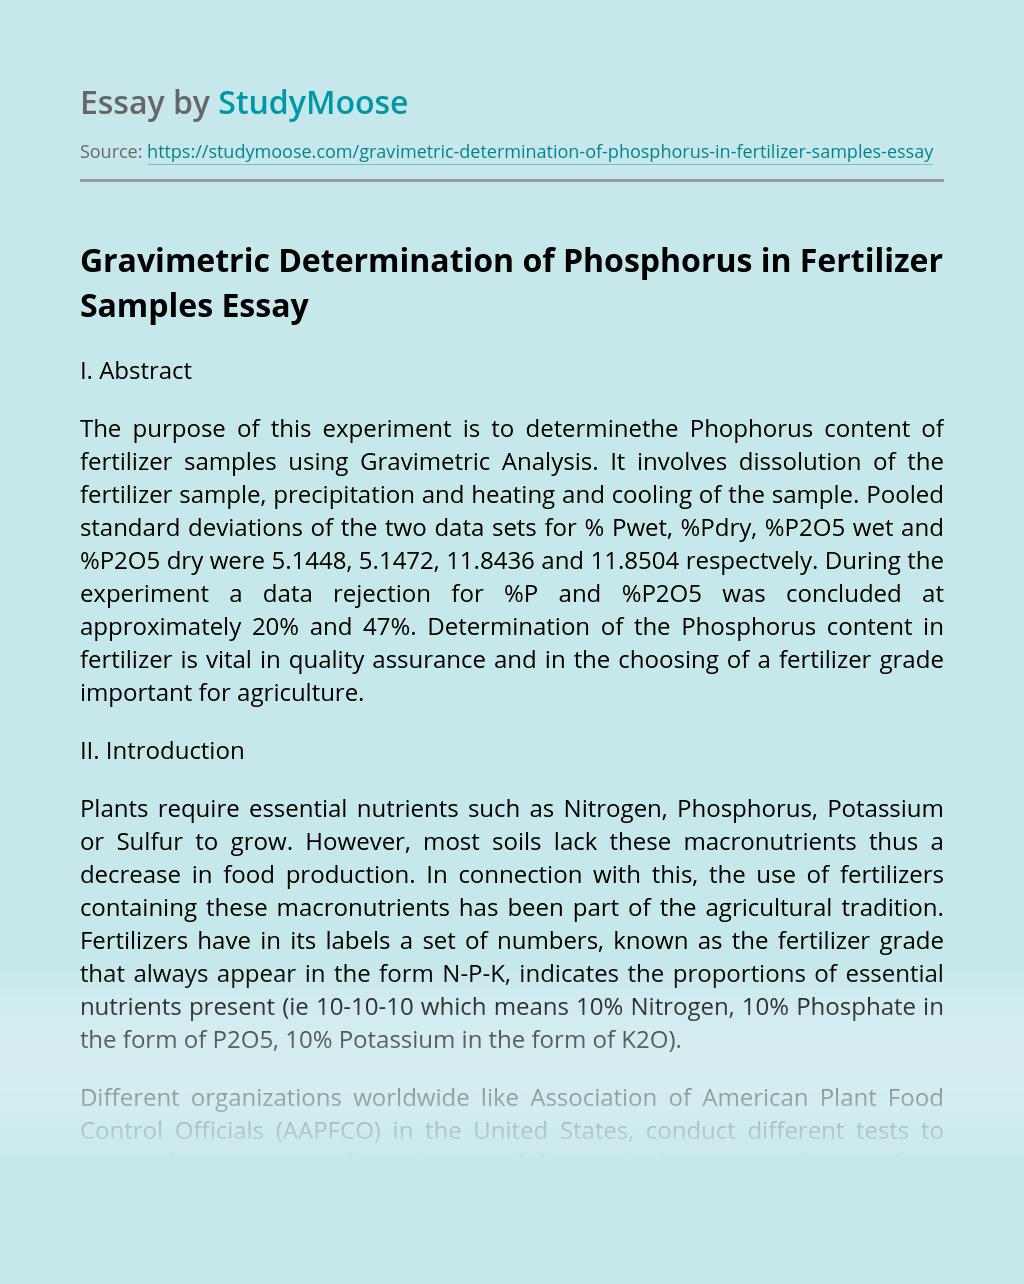 Gravimetric Determination of Phosphorus in Fertilizer Samples